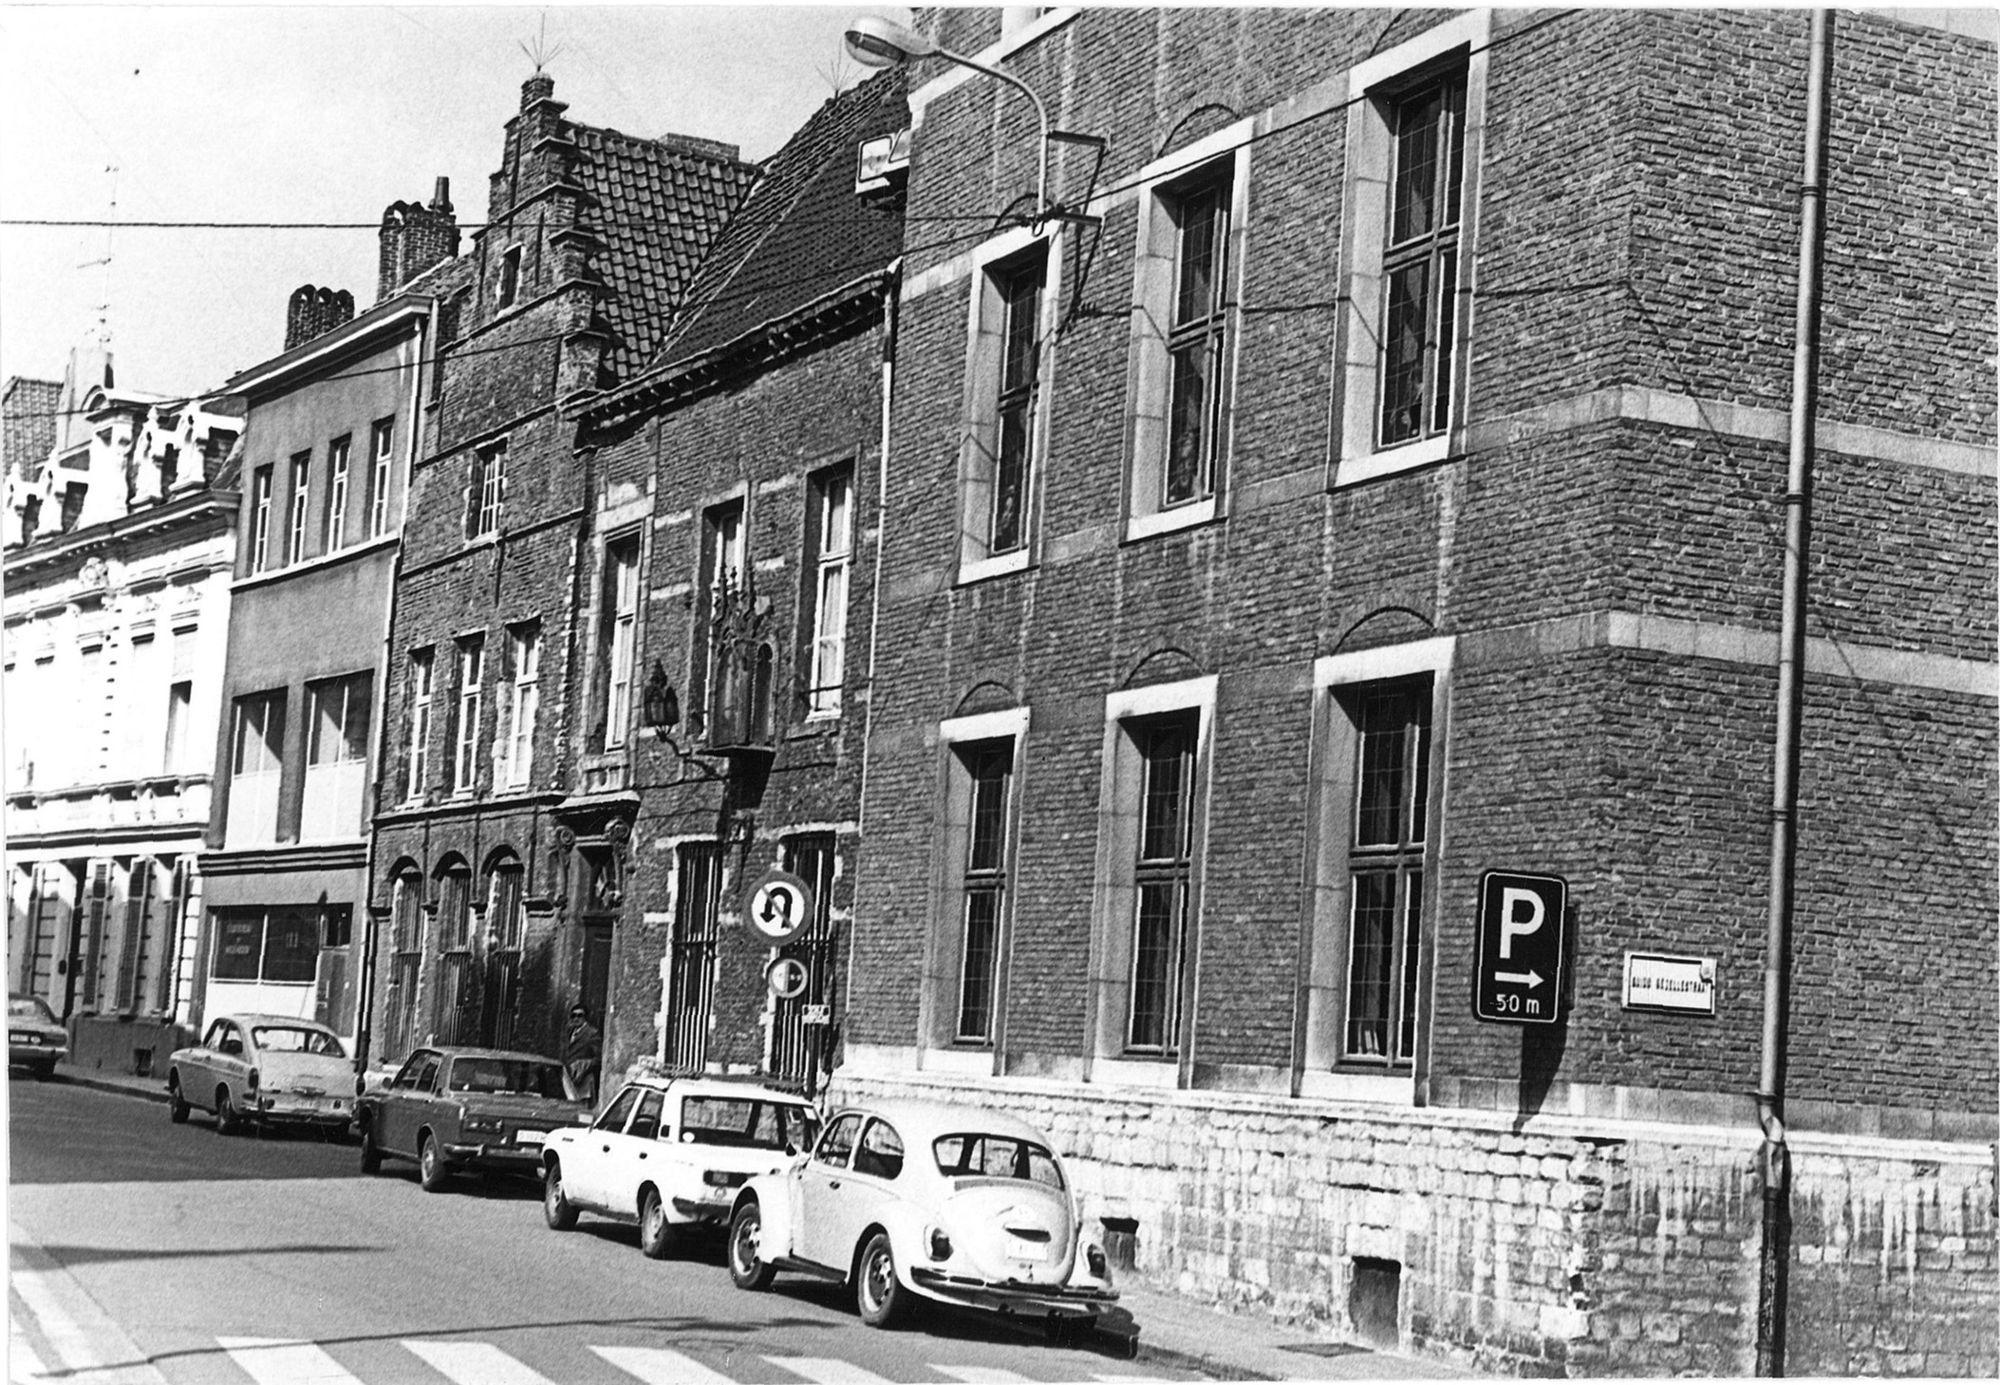 Berg van Barmhartigheid in de Onze-Lieve-Vrouwestraat, Stadsbibliotheek 1975